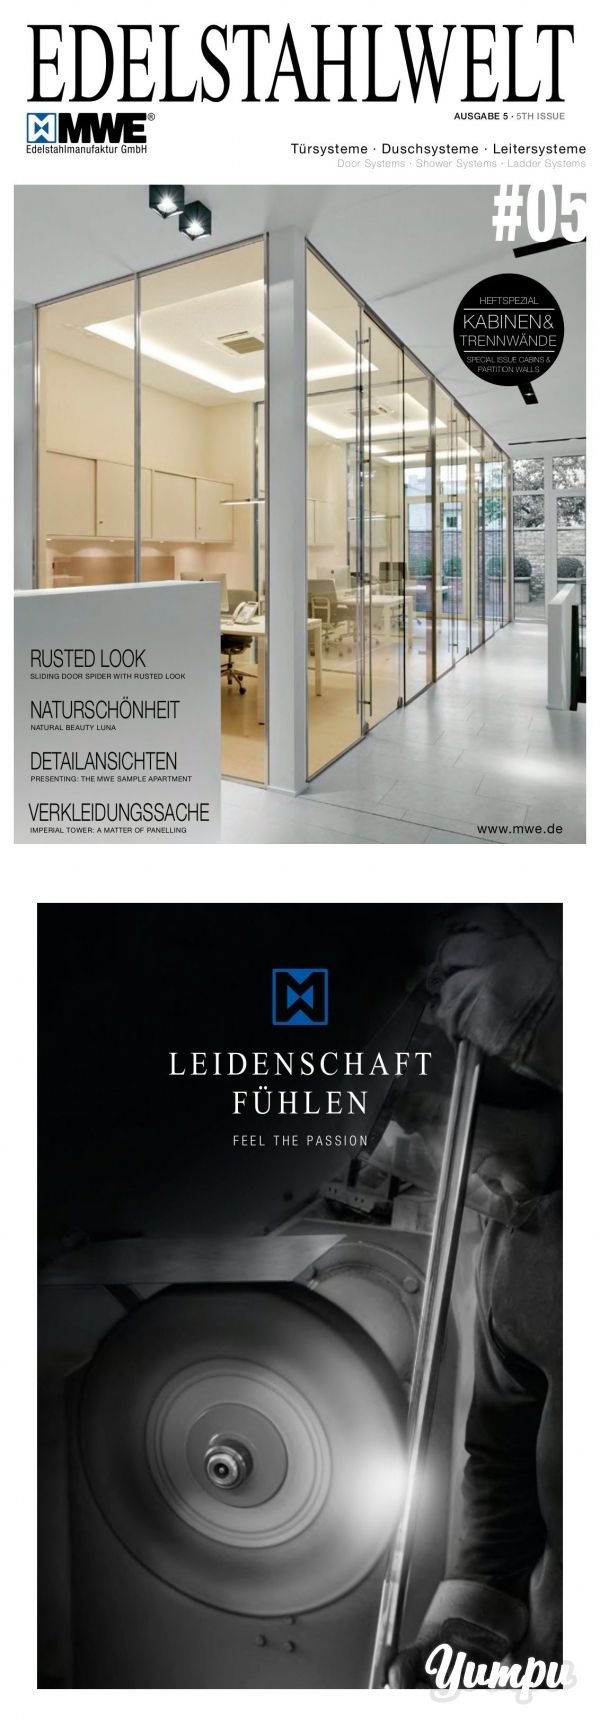 MWE Edelstahlwelt Ausgabe 5 - Aktuelle News aus dem Hause MWE zum Thema Duschsysteme, Türsysteme und Leitersysteme.